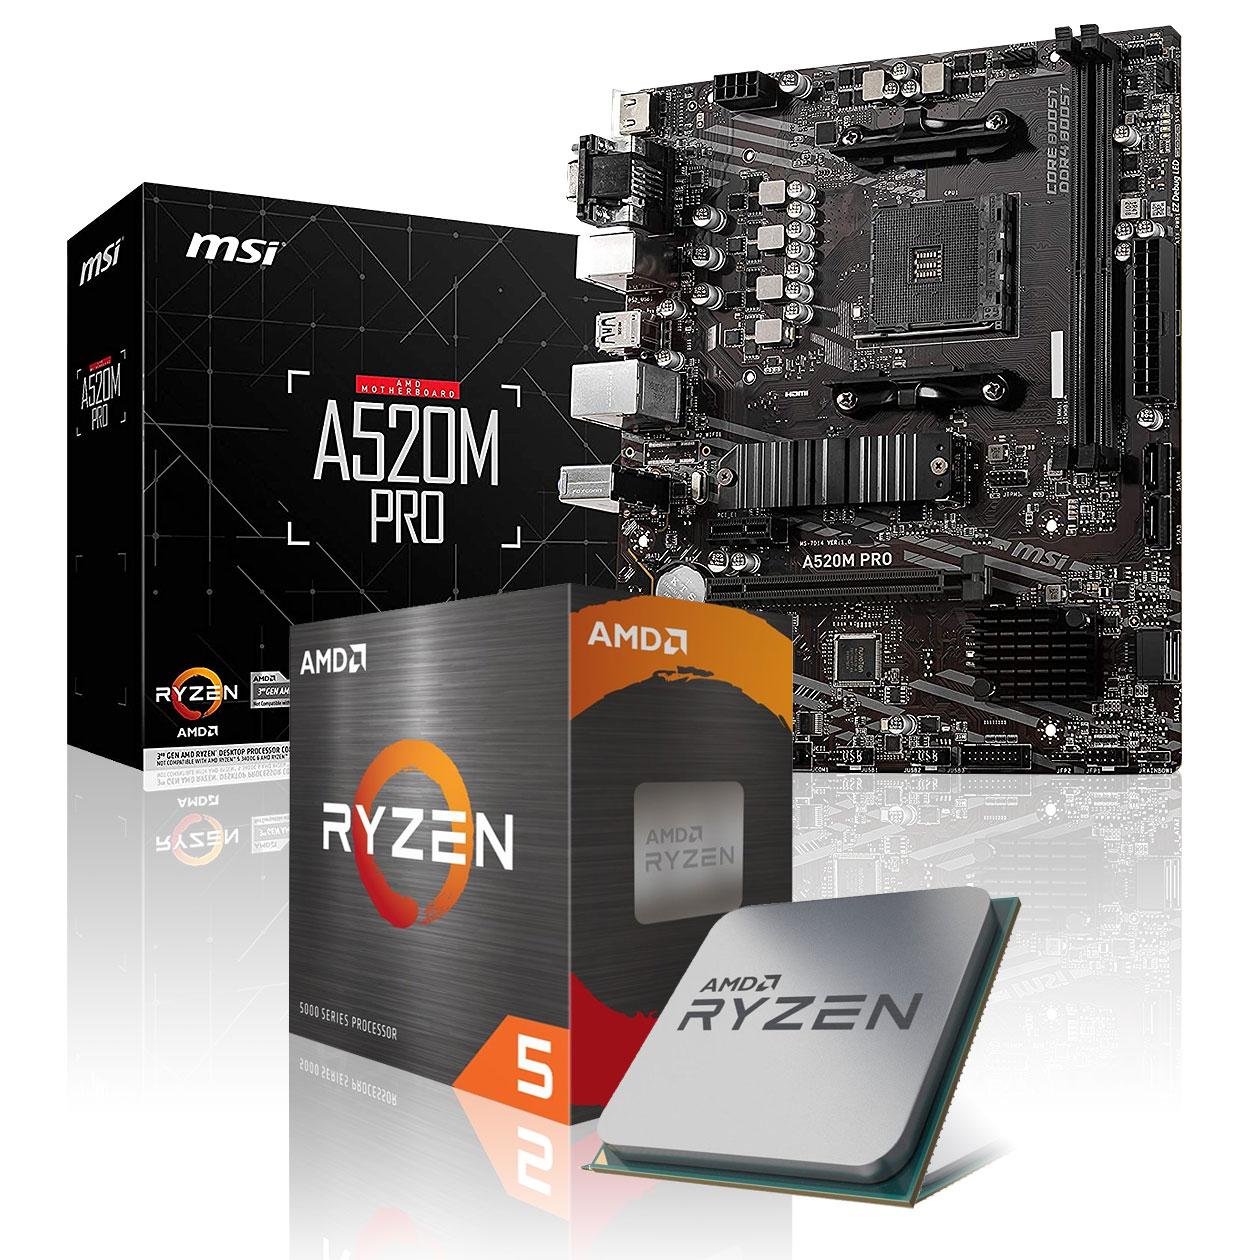 Kit Evo PC - Processeur AMD Ryzen 5 5600X (6 x 3.7 GHz) + Carte Mère MSI A520M-A Pro